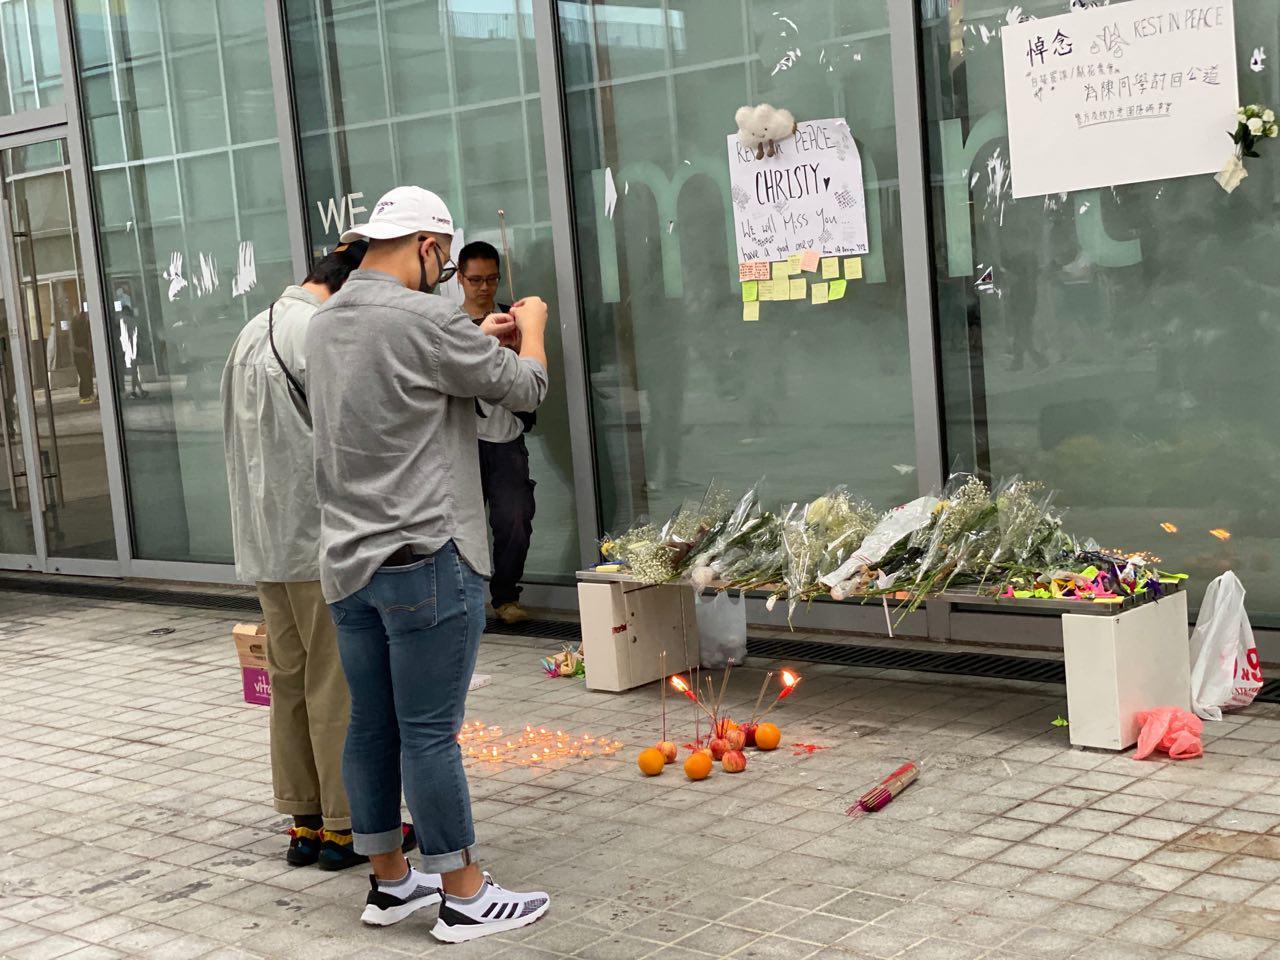 10月14日,一早就有知專學院的學生自發給死去的陳彥霖同學燒香,希望悼念她的同時也能還她一個真相。(駱亞/大紀元)